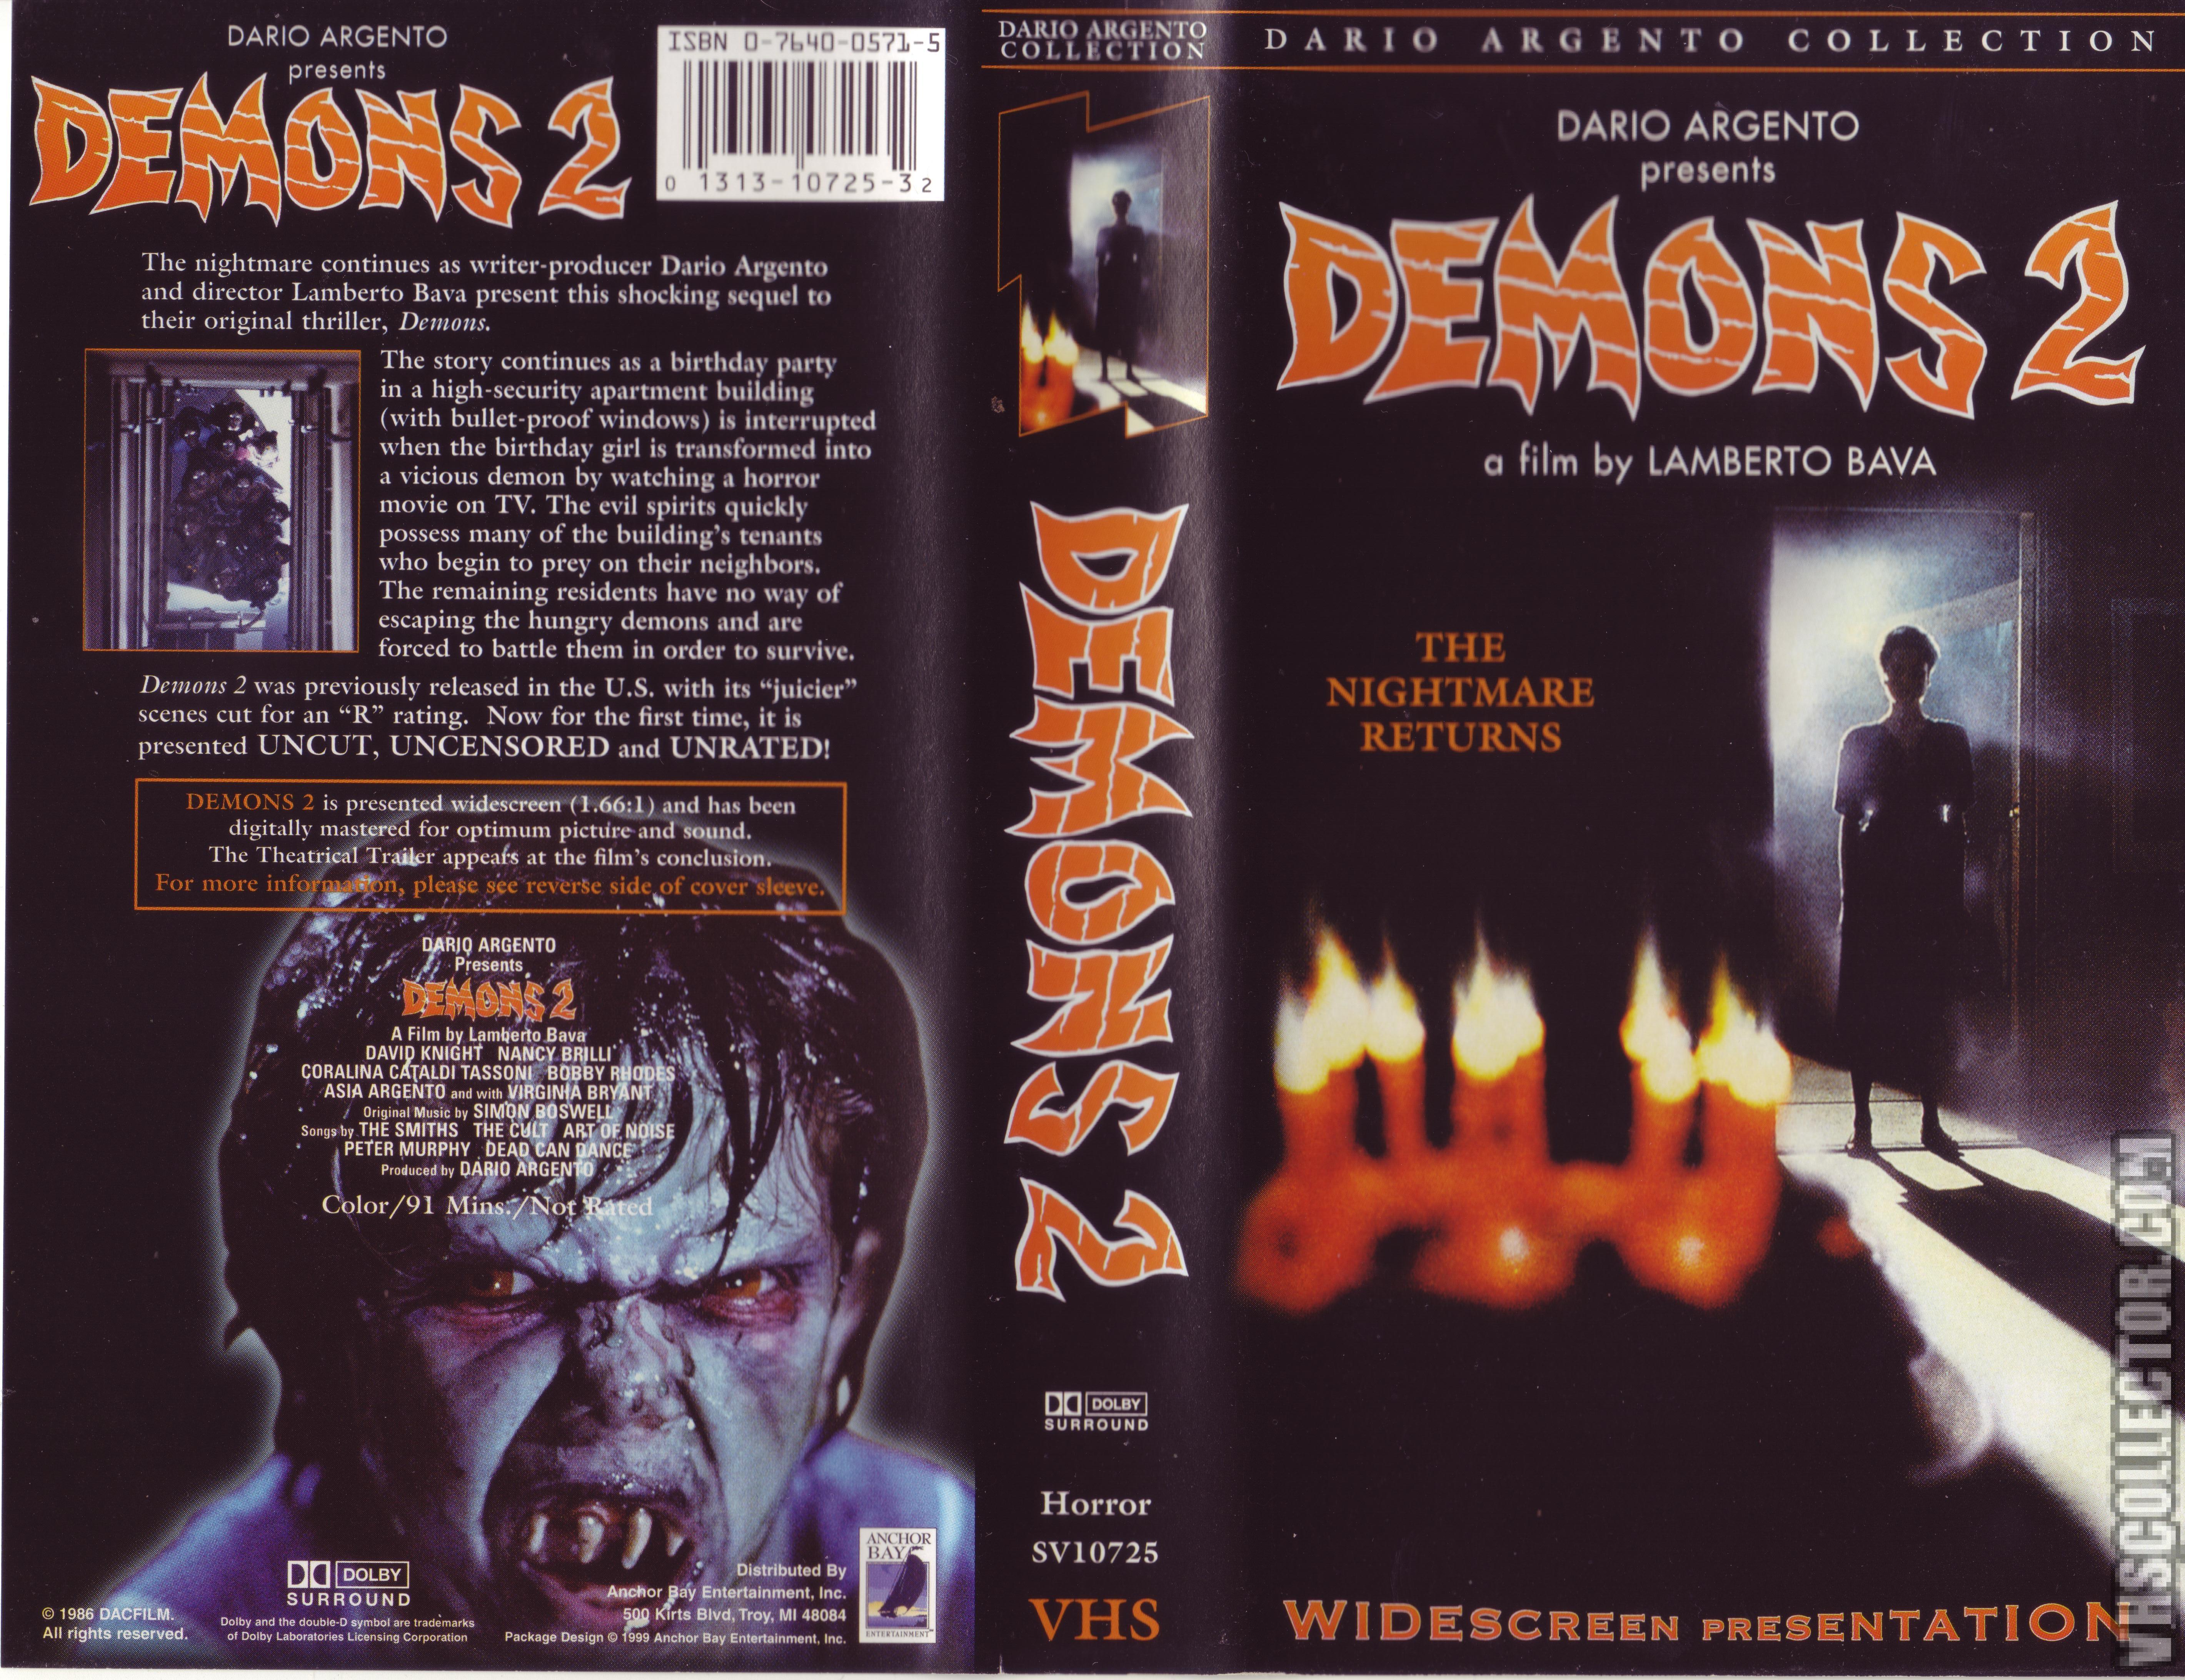 Demons 2 | VHSCollector.com